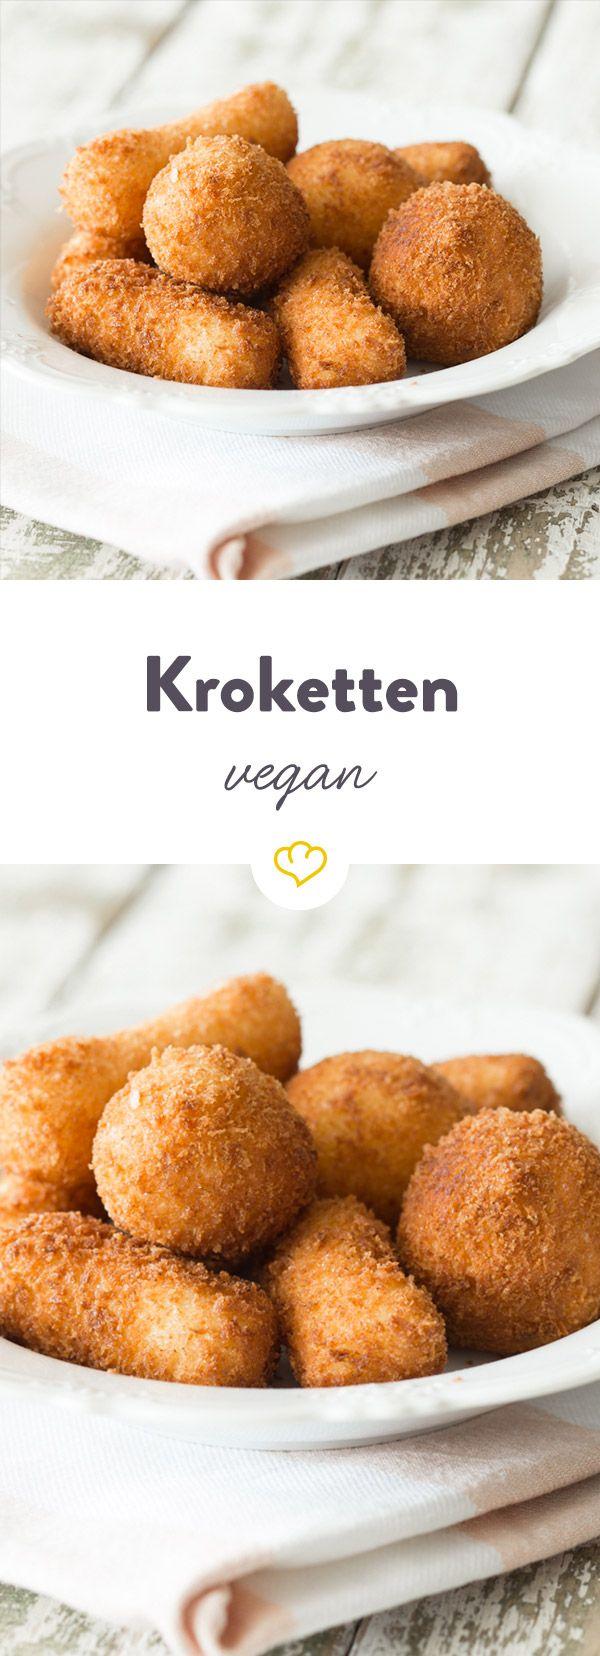 Diese veganen Kroketten werden statt in der Fritteuse im Backofen schön knusprig und braun gebacken.